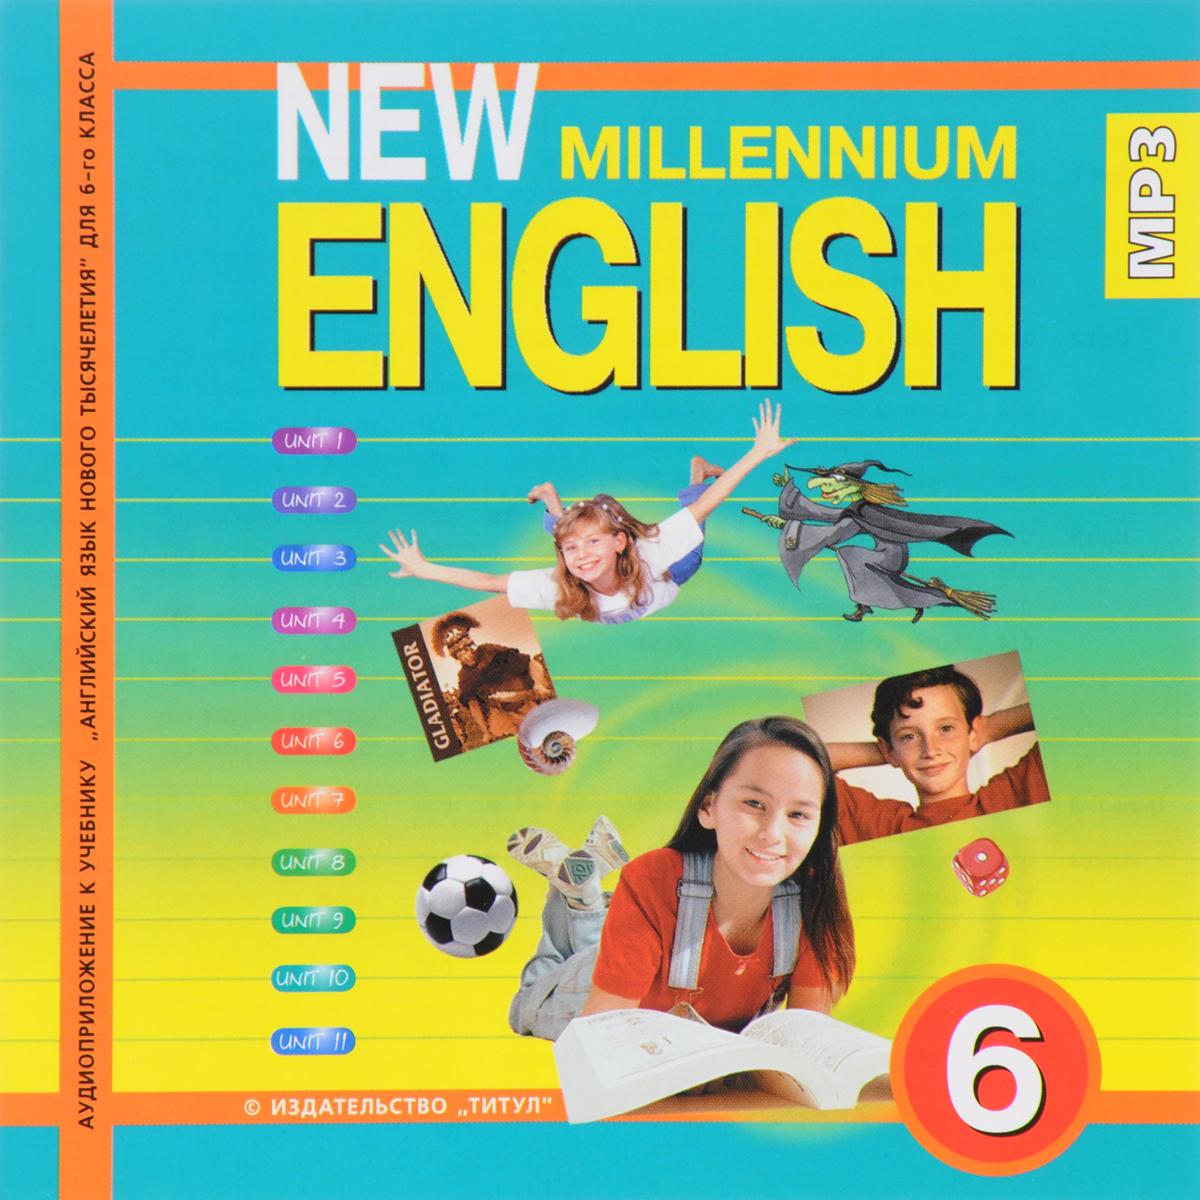 New Millennium English 6 / Английский язык. 6 класс (аудиокурс MP3)